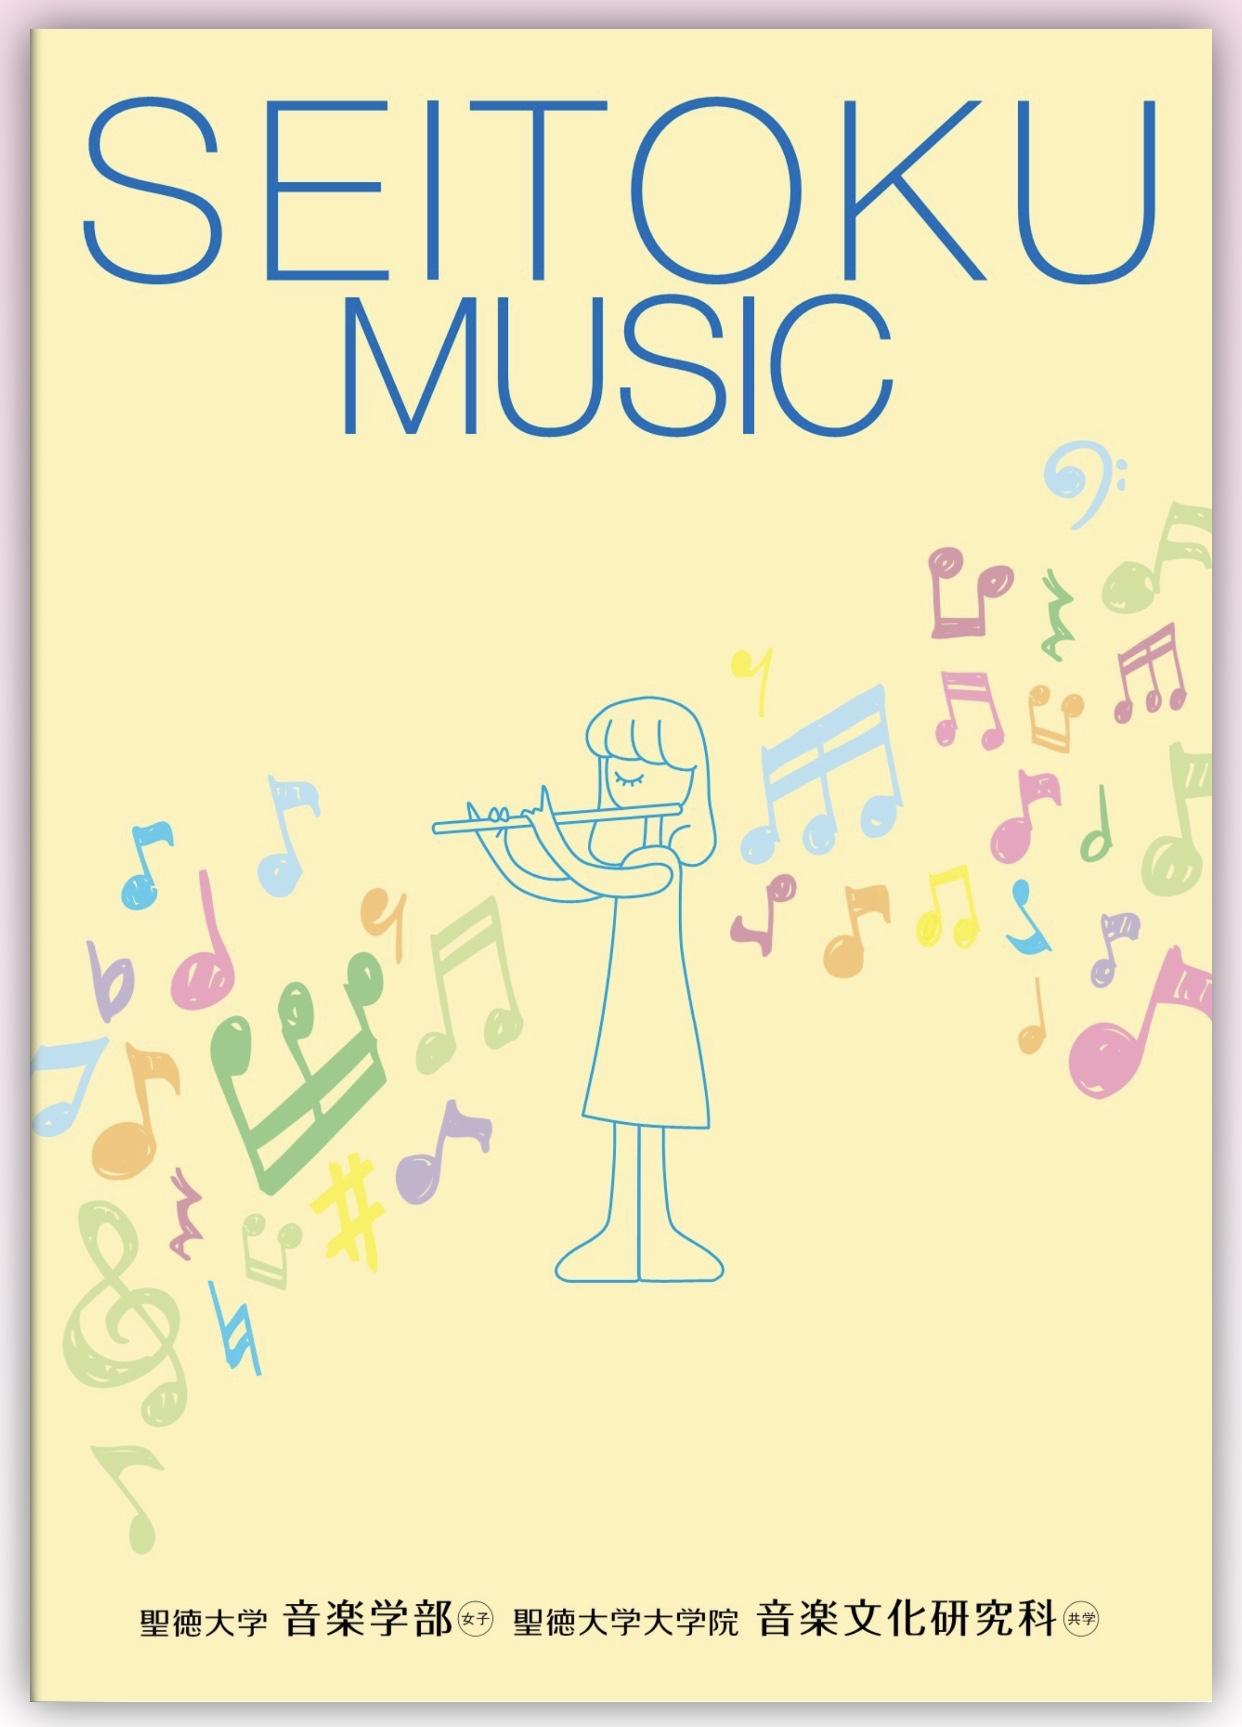 音楽学部の「デジタルパンフレット」をぜひご覧ください!